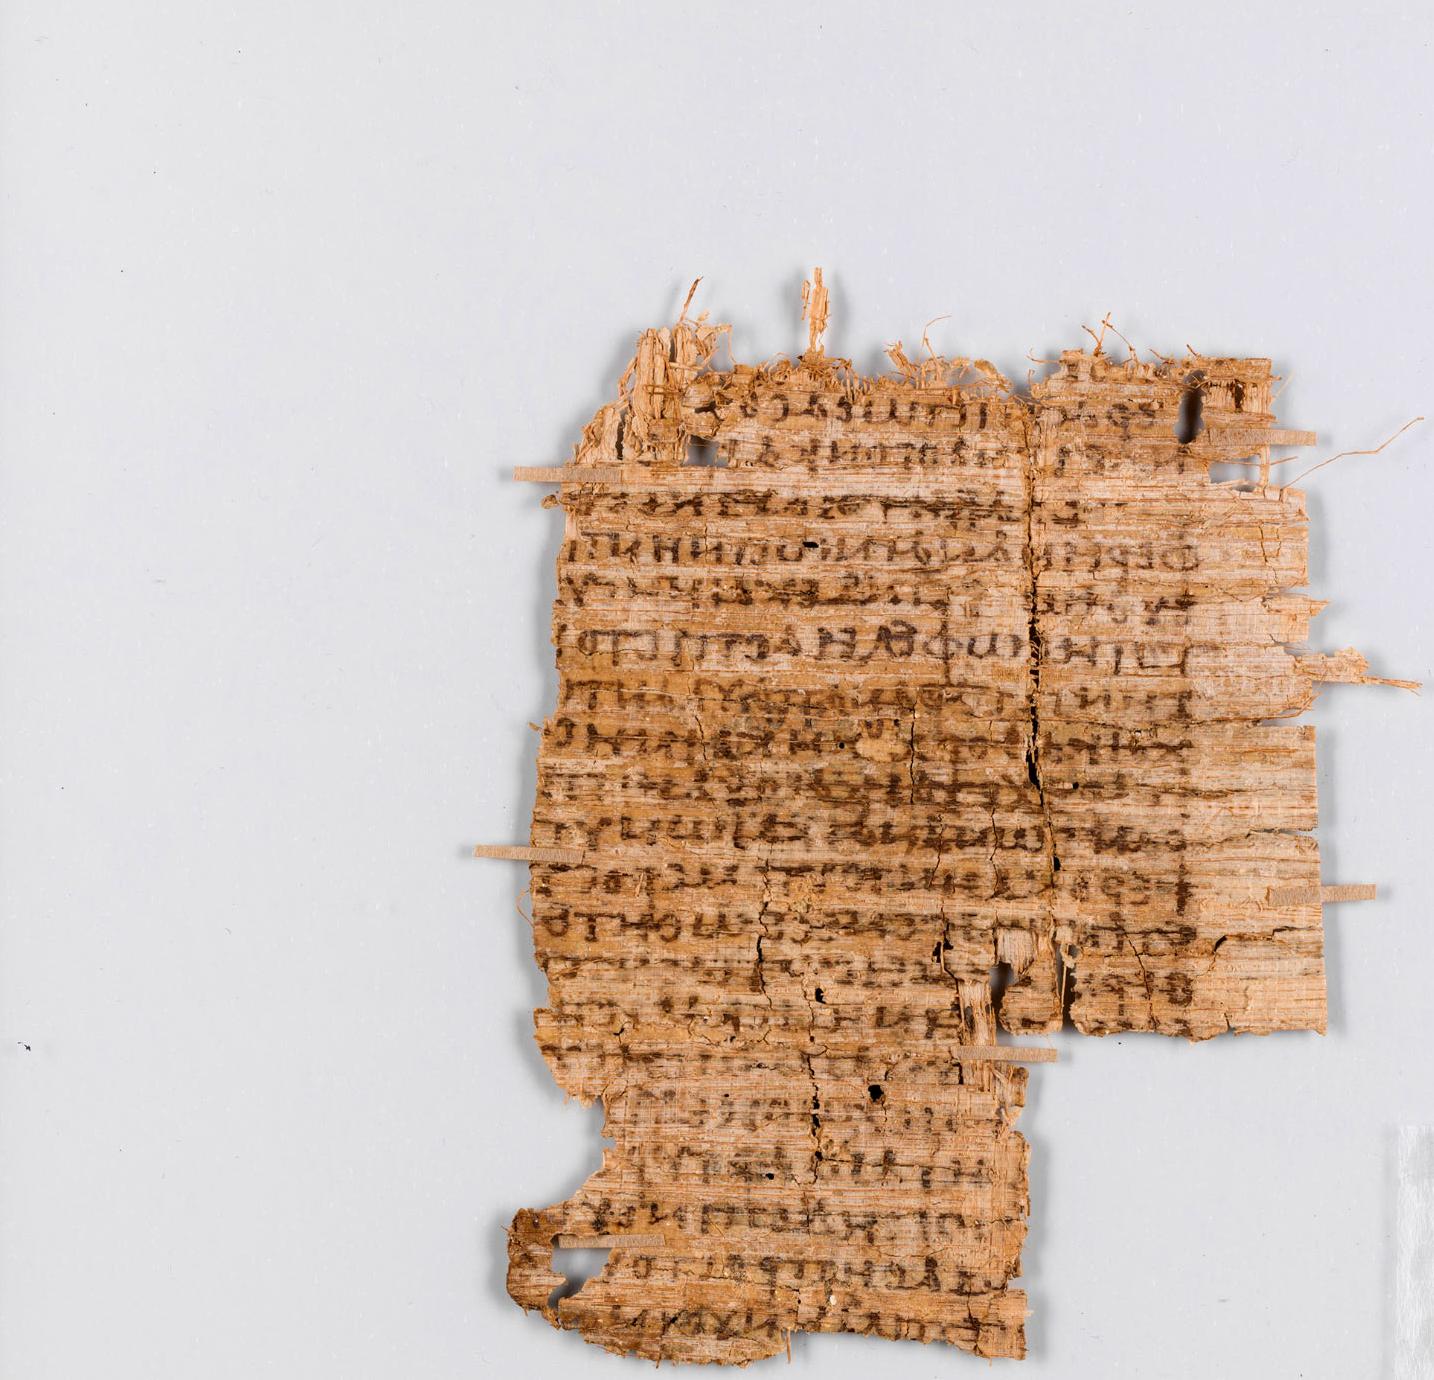 Papiro escrito na Grécia Antiga (Foto: Divulgação/Universidade de Basel)